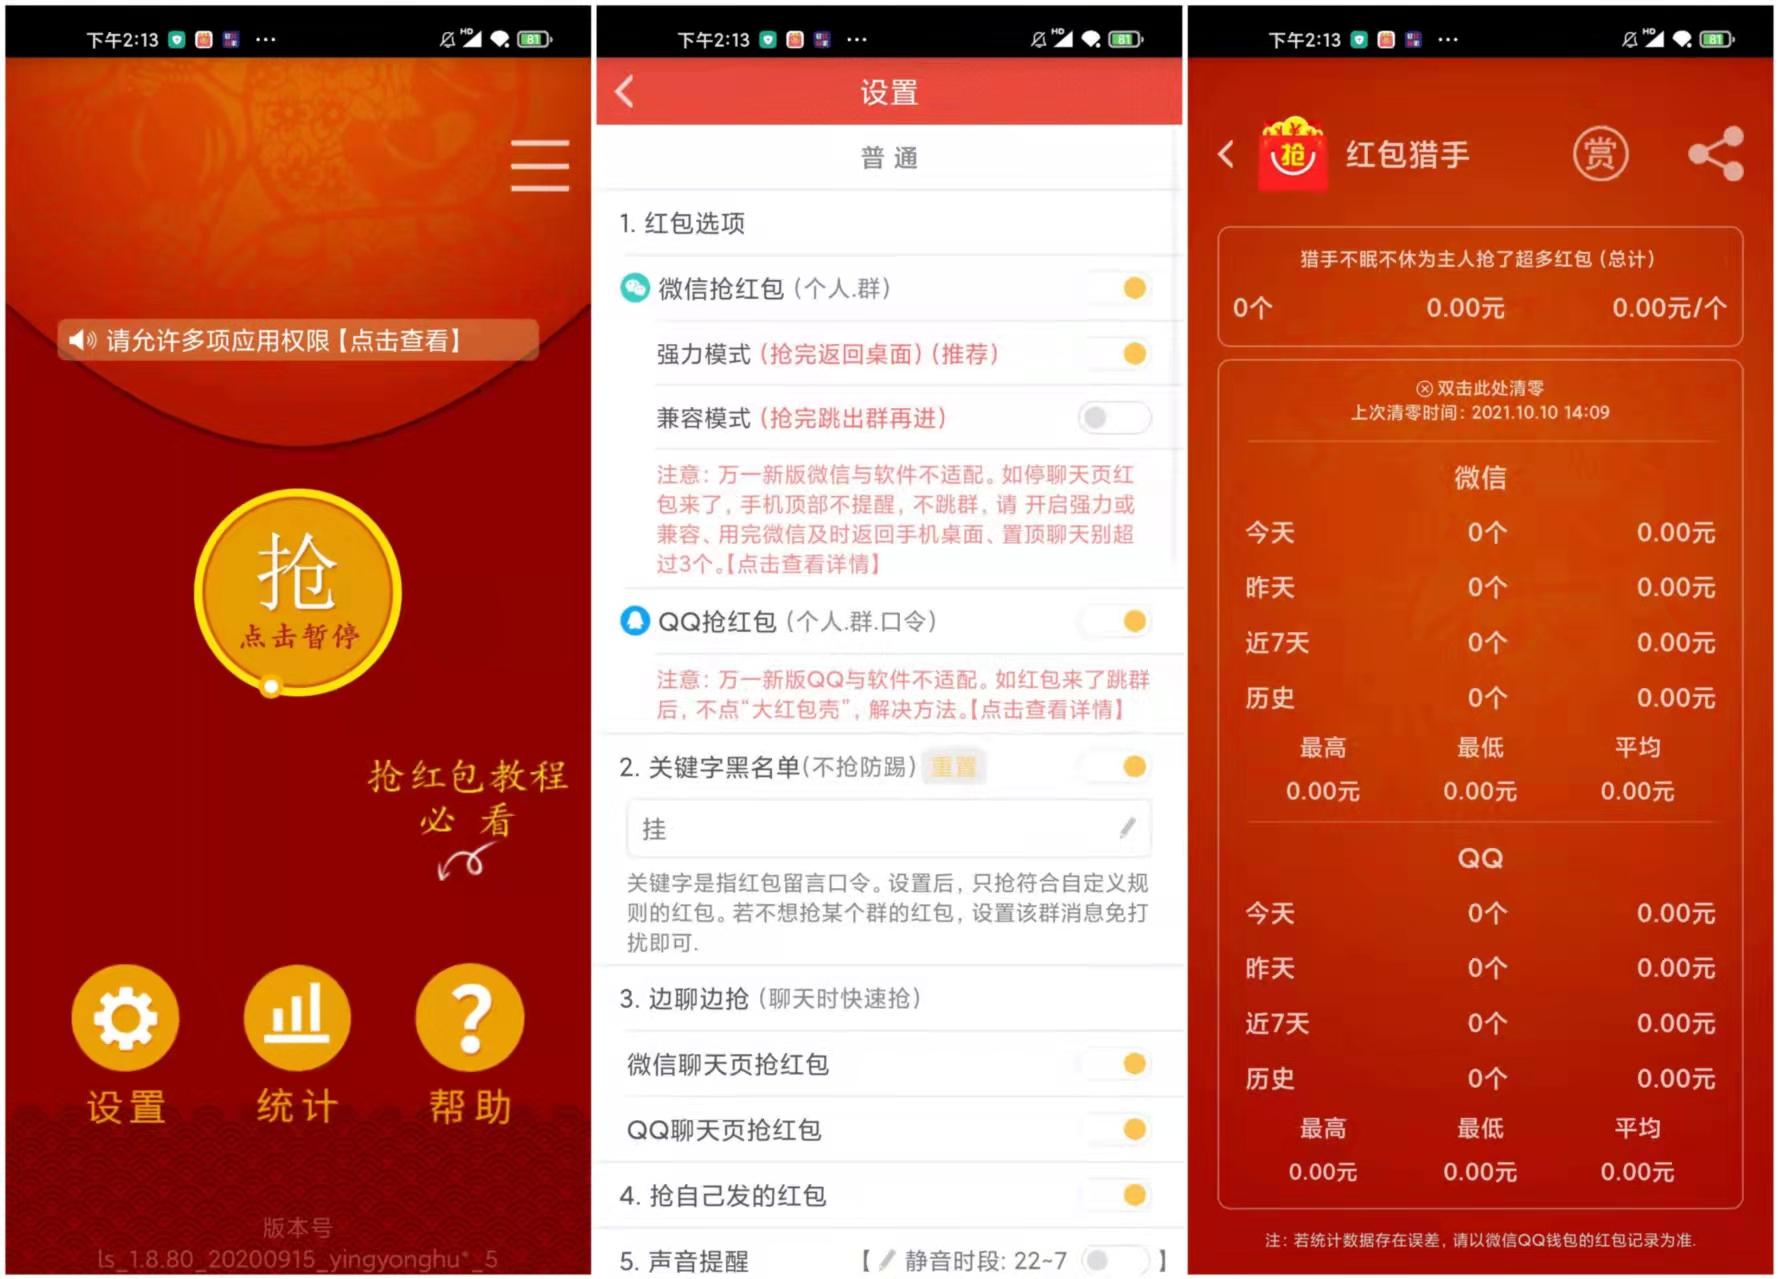 红包猎手v1.8.0高级版QQ微信自动抢红包脚本